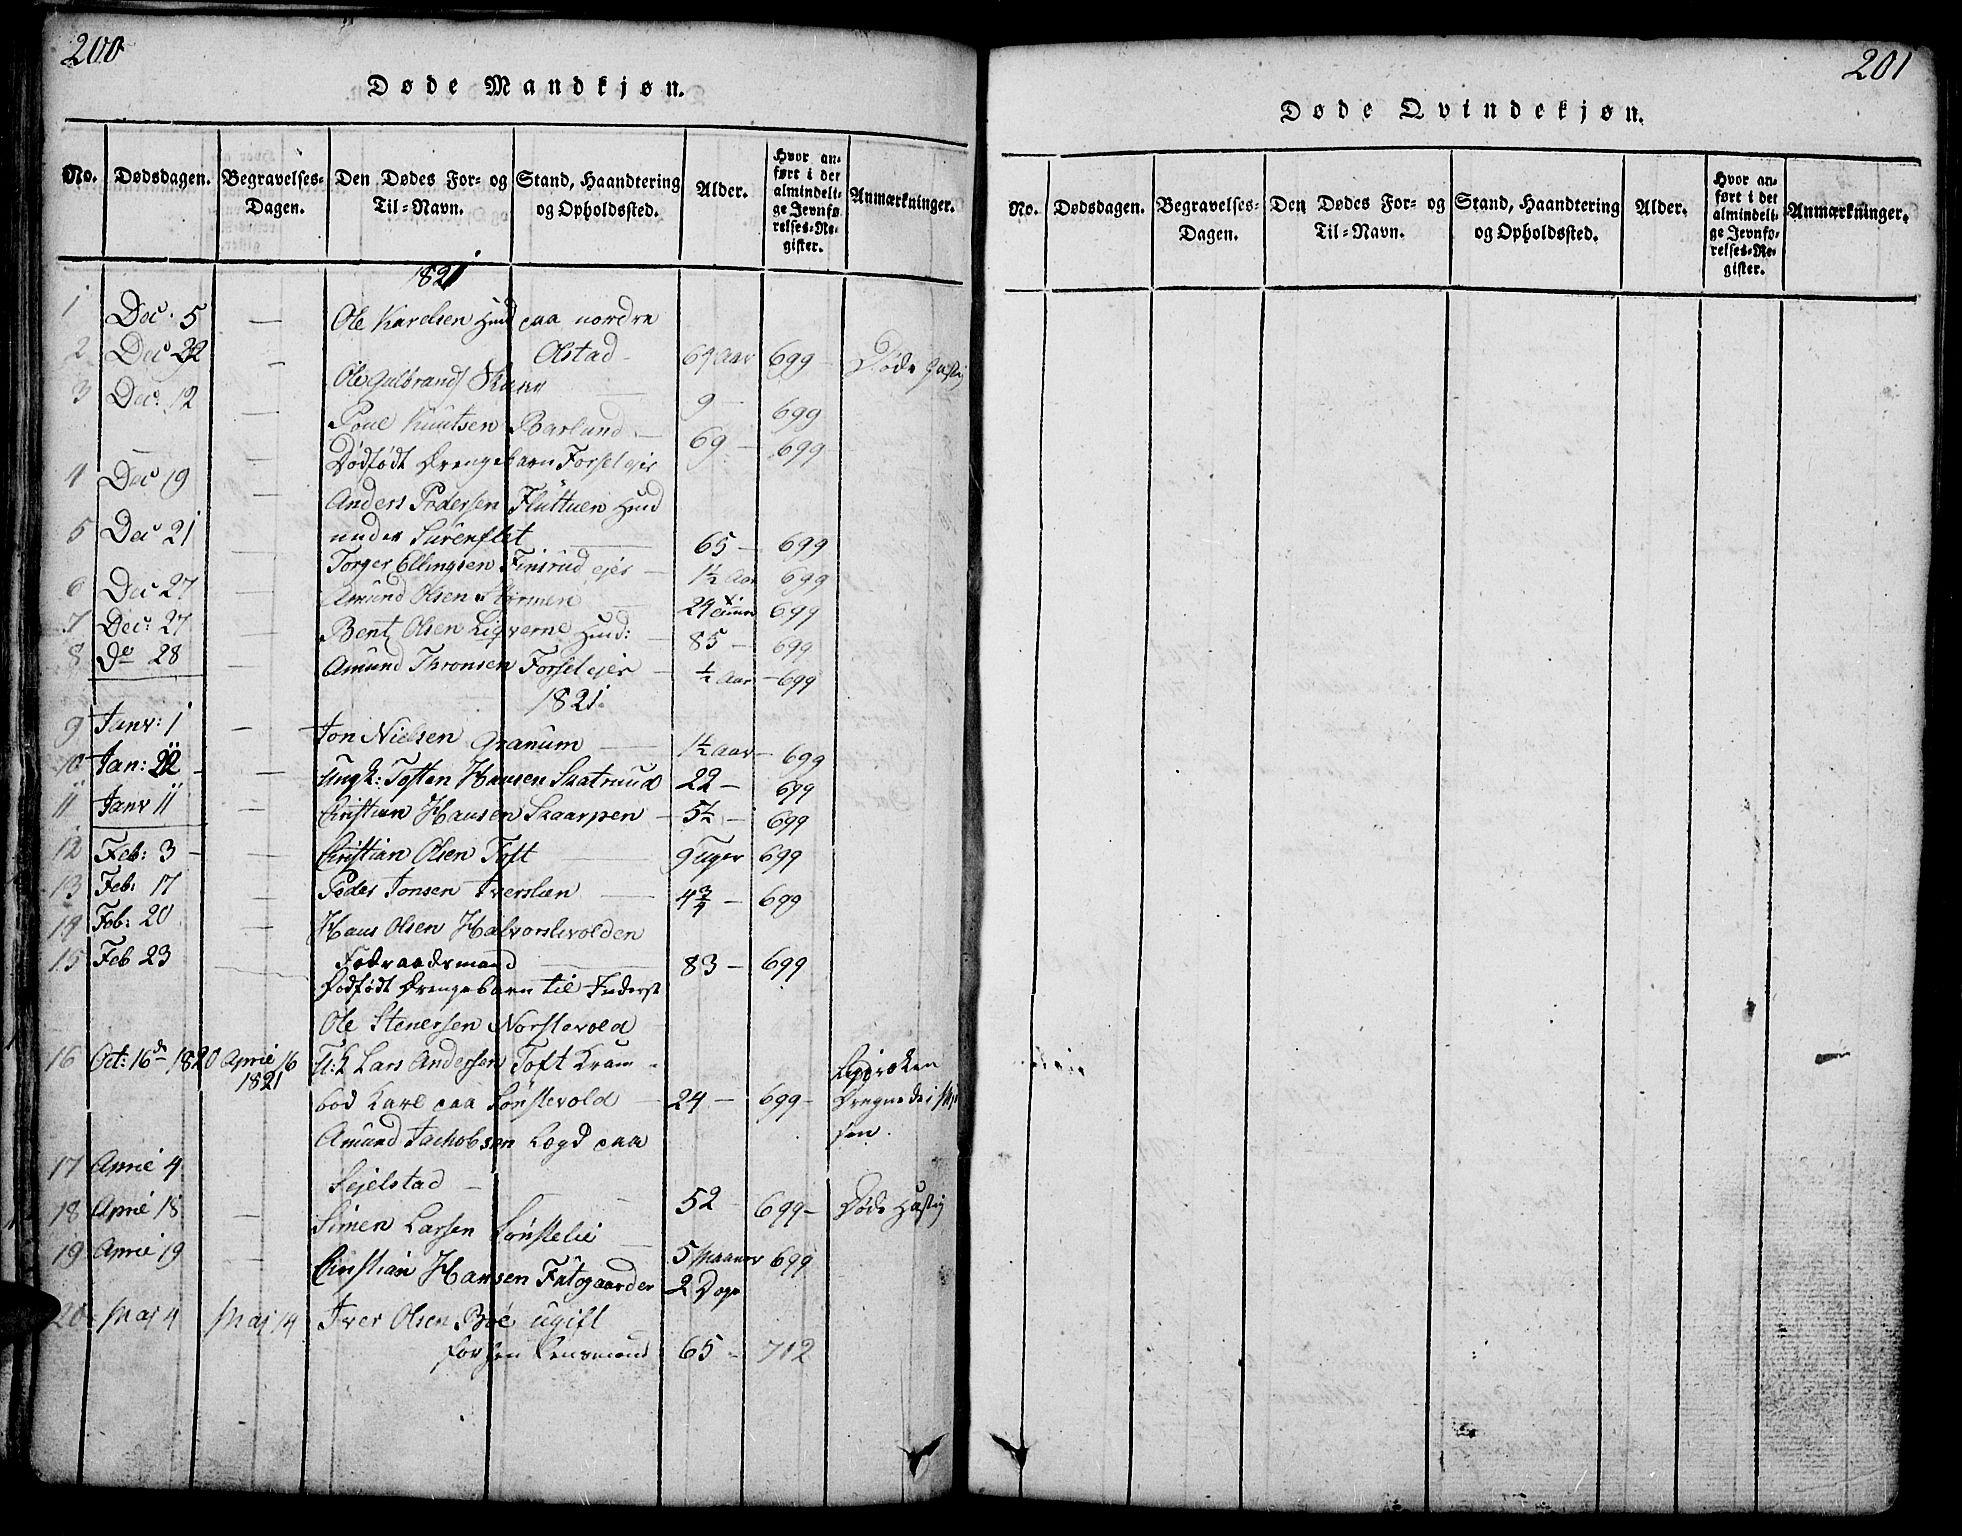 SAH, Gausdal prestekontor, Klokkerbok nr. 1, 1817-1848, s. 200-201